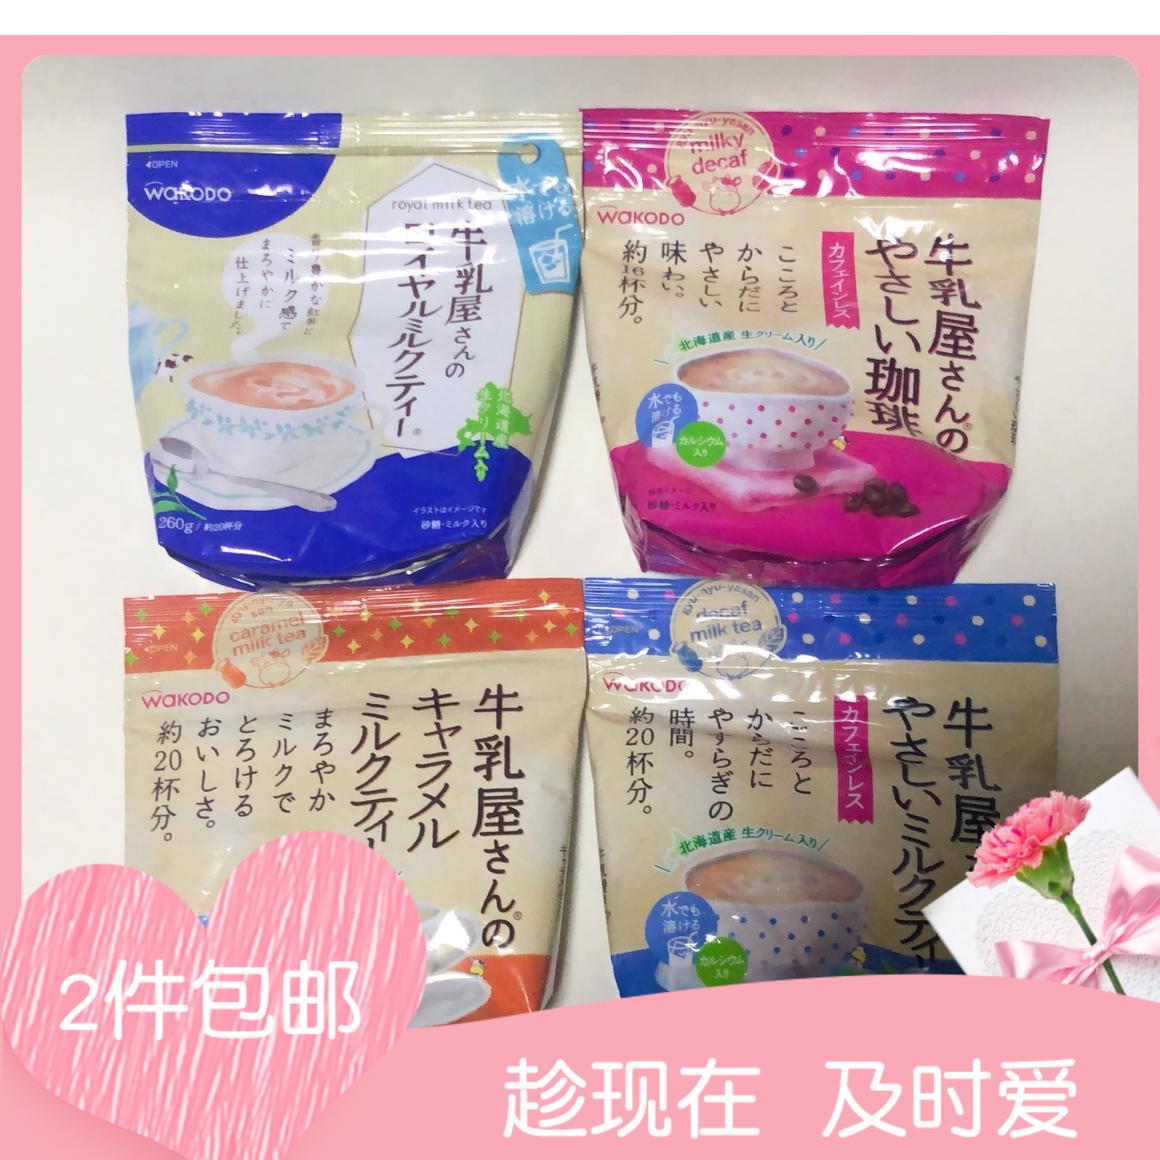 日本wakodo和光堂牛乳屋脱咖啡因皇家奶茶咖啡孕妇哺乳期冲饮